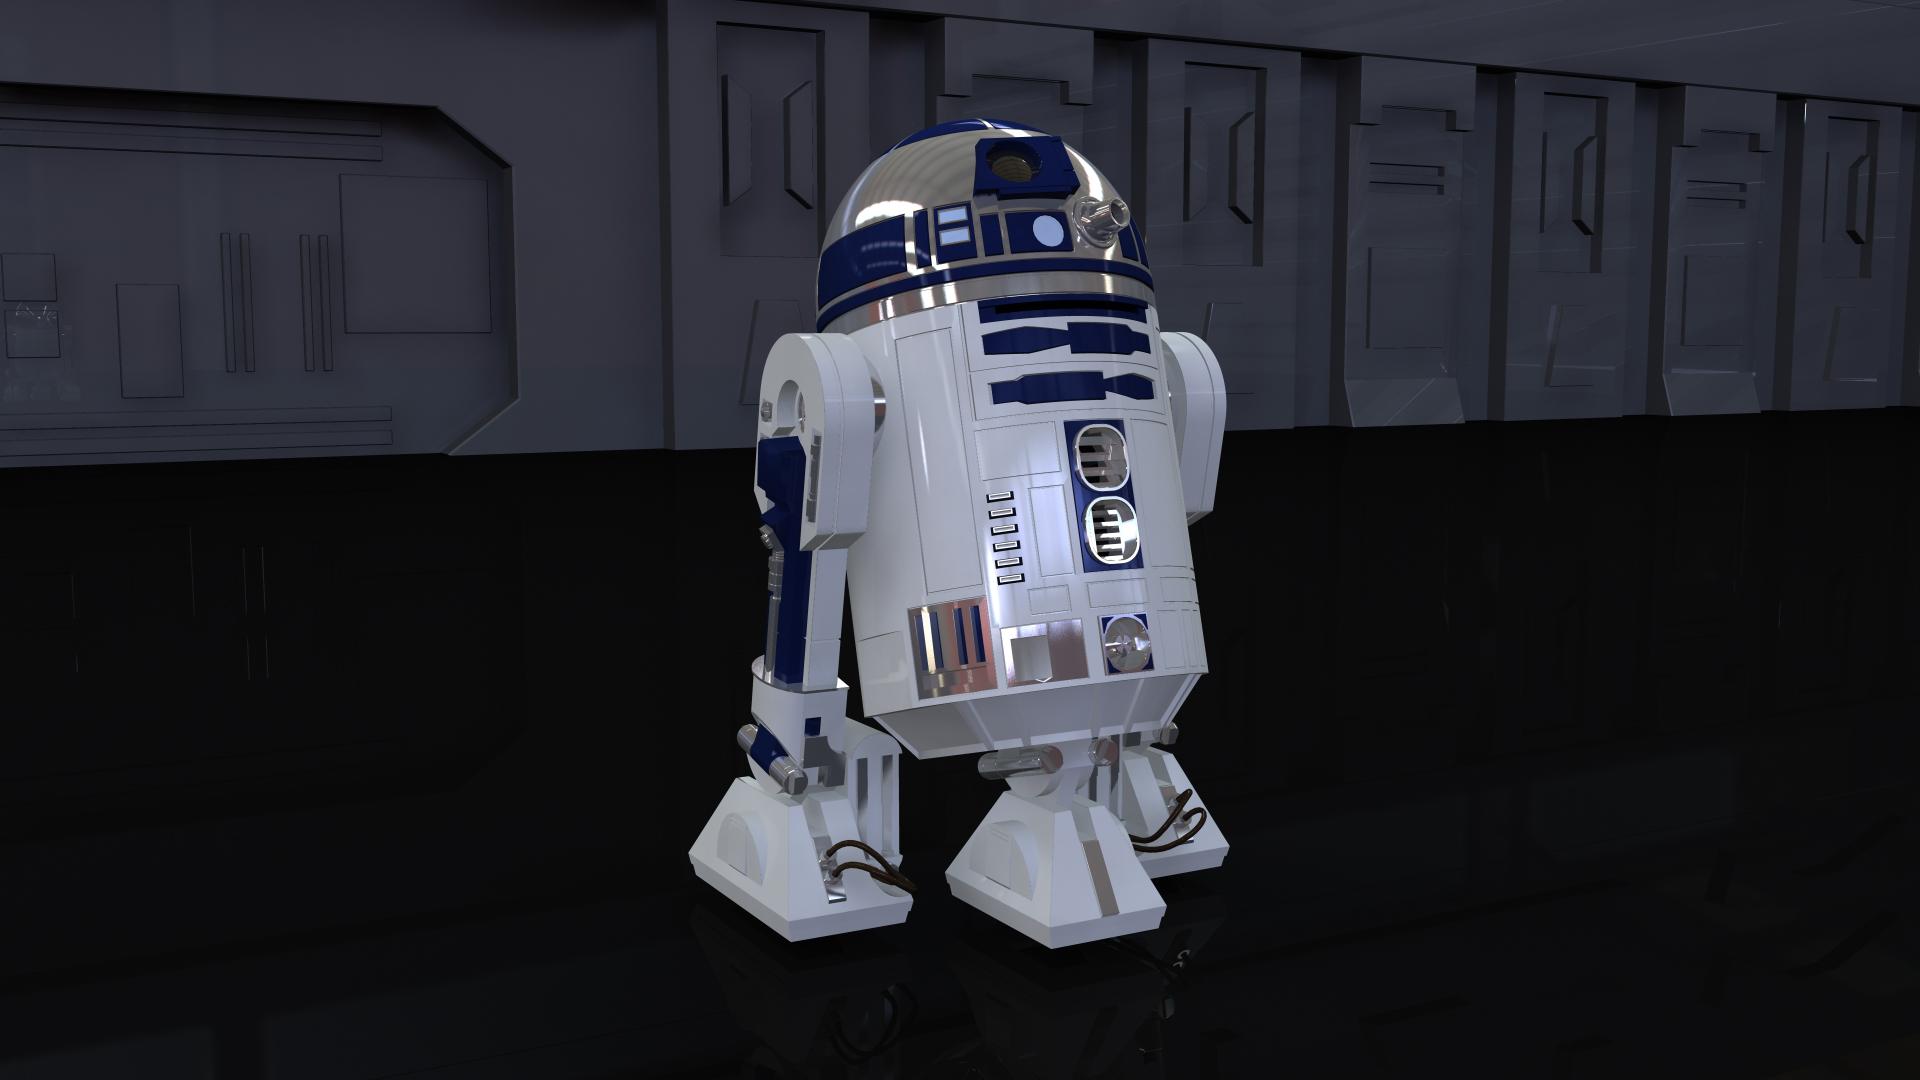 Star Wars R2d2 Wallpaper Wallpapersafari